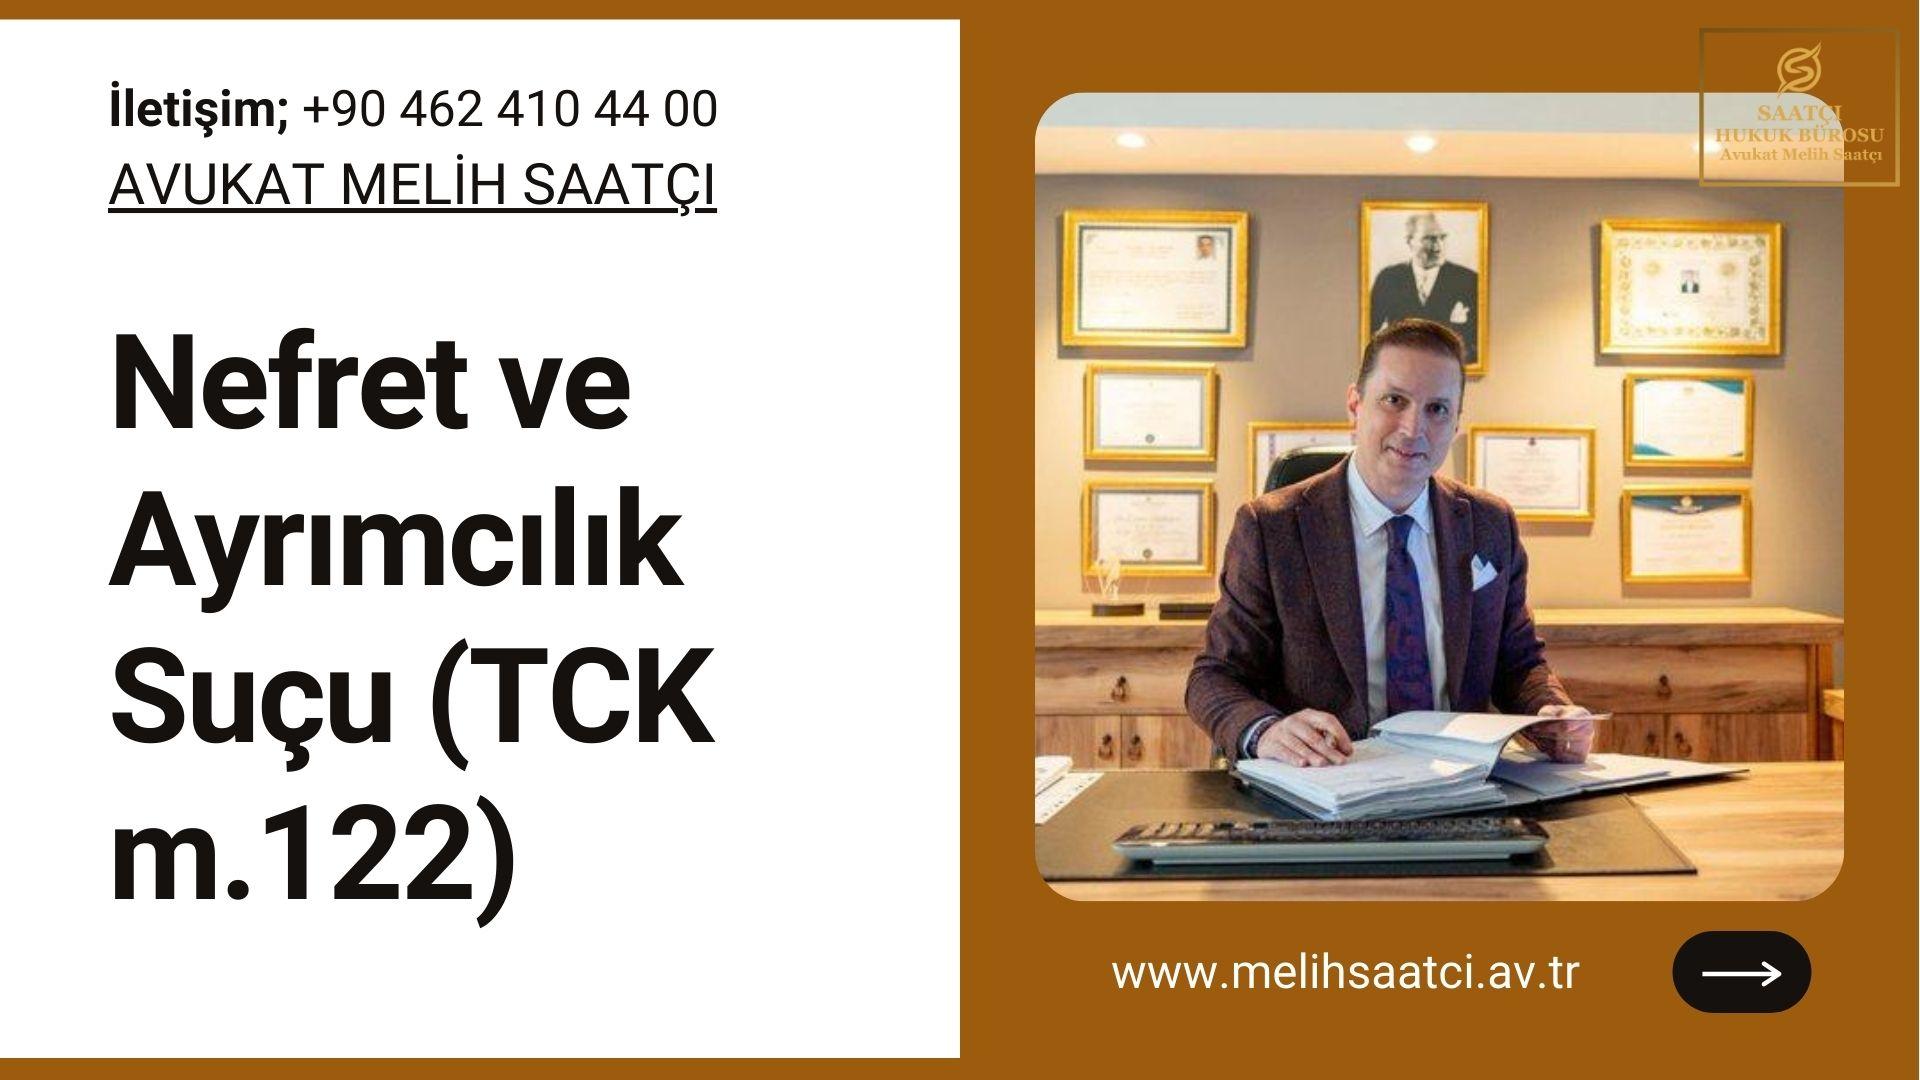 Nefret ve Ayrımcılık Suçu (TCK m.122)